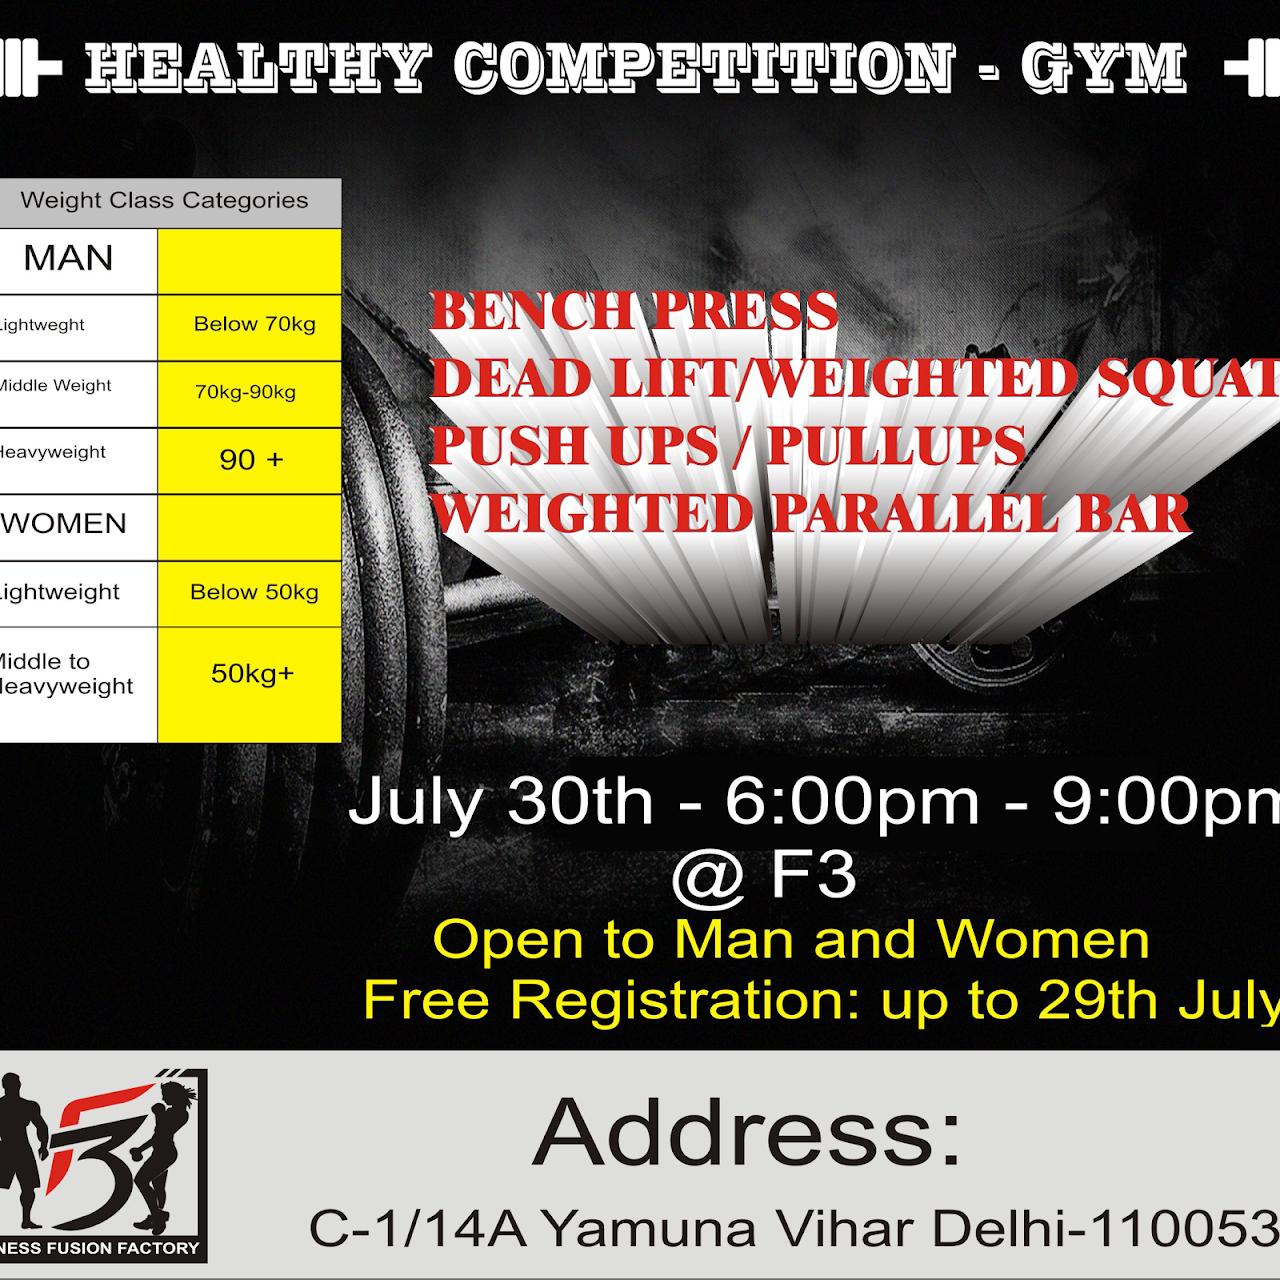 Marvelous F3 Gym Zym In Delhi Frankydiablos Diy Chair Ideas Frankydiabloscom